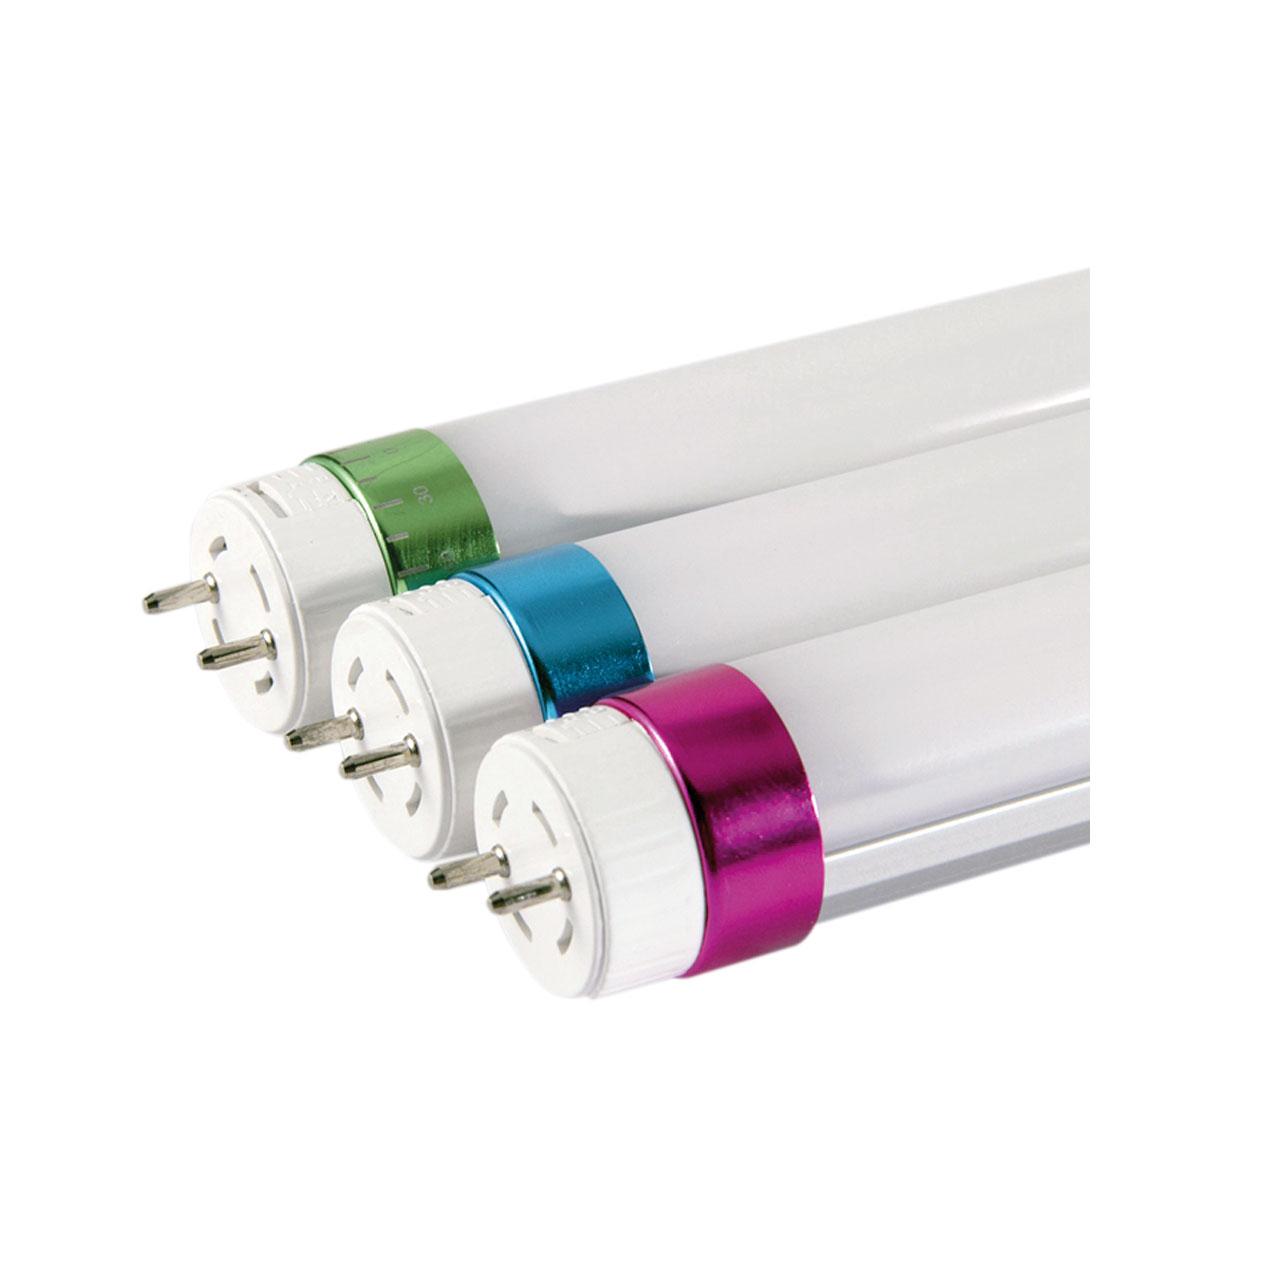 LED Tube 18 / 30 W - MUVA LED